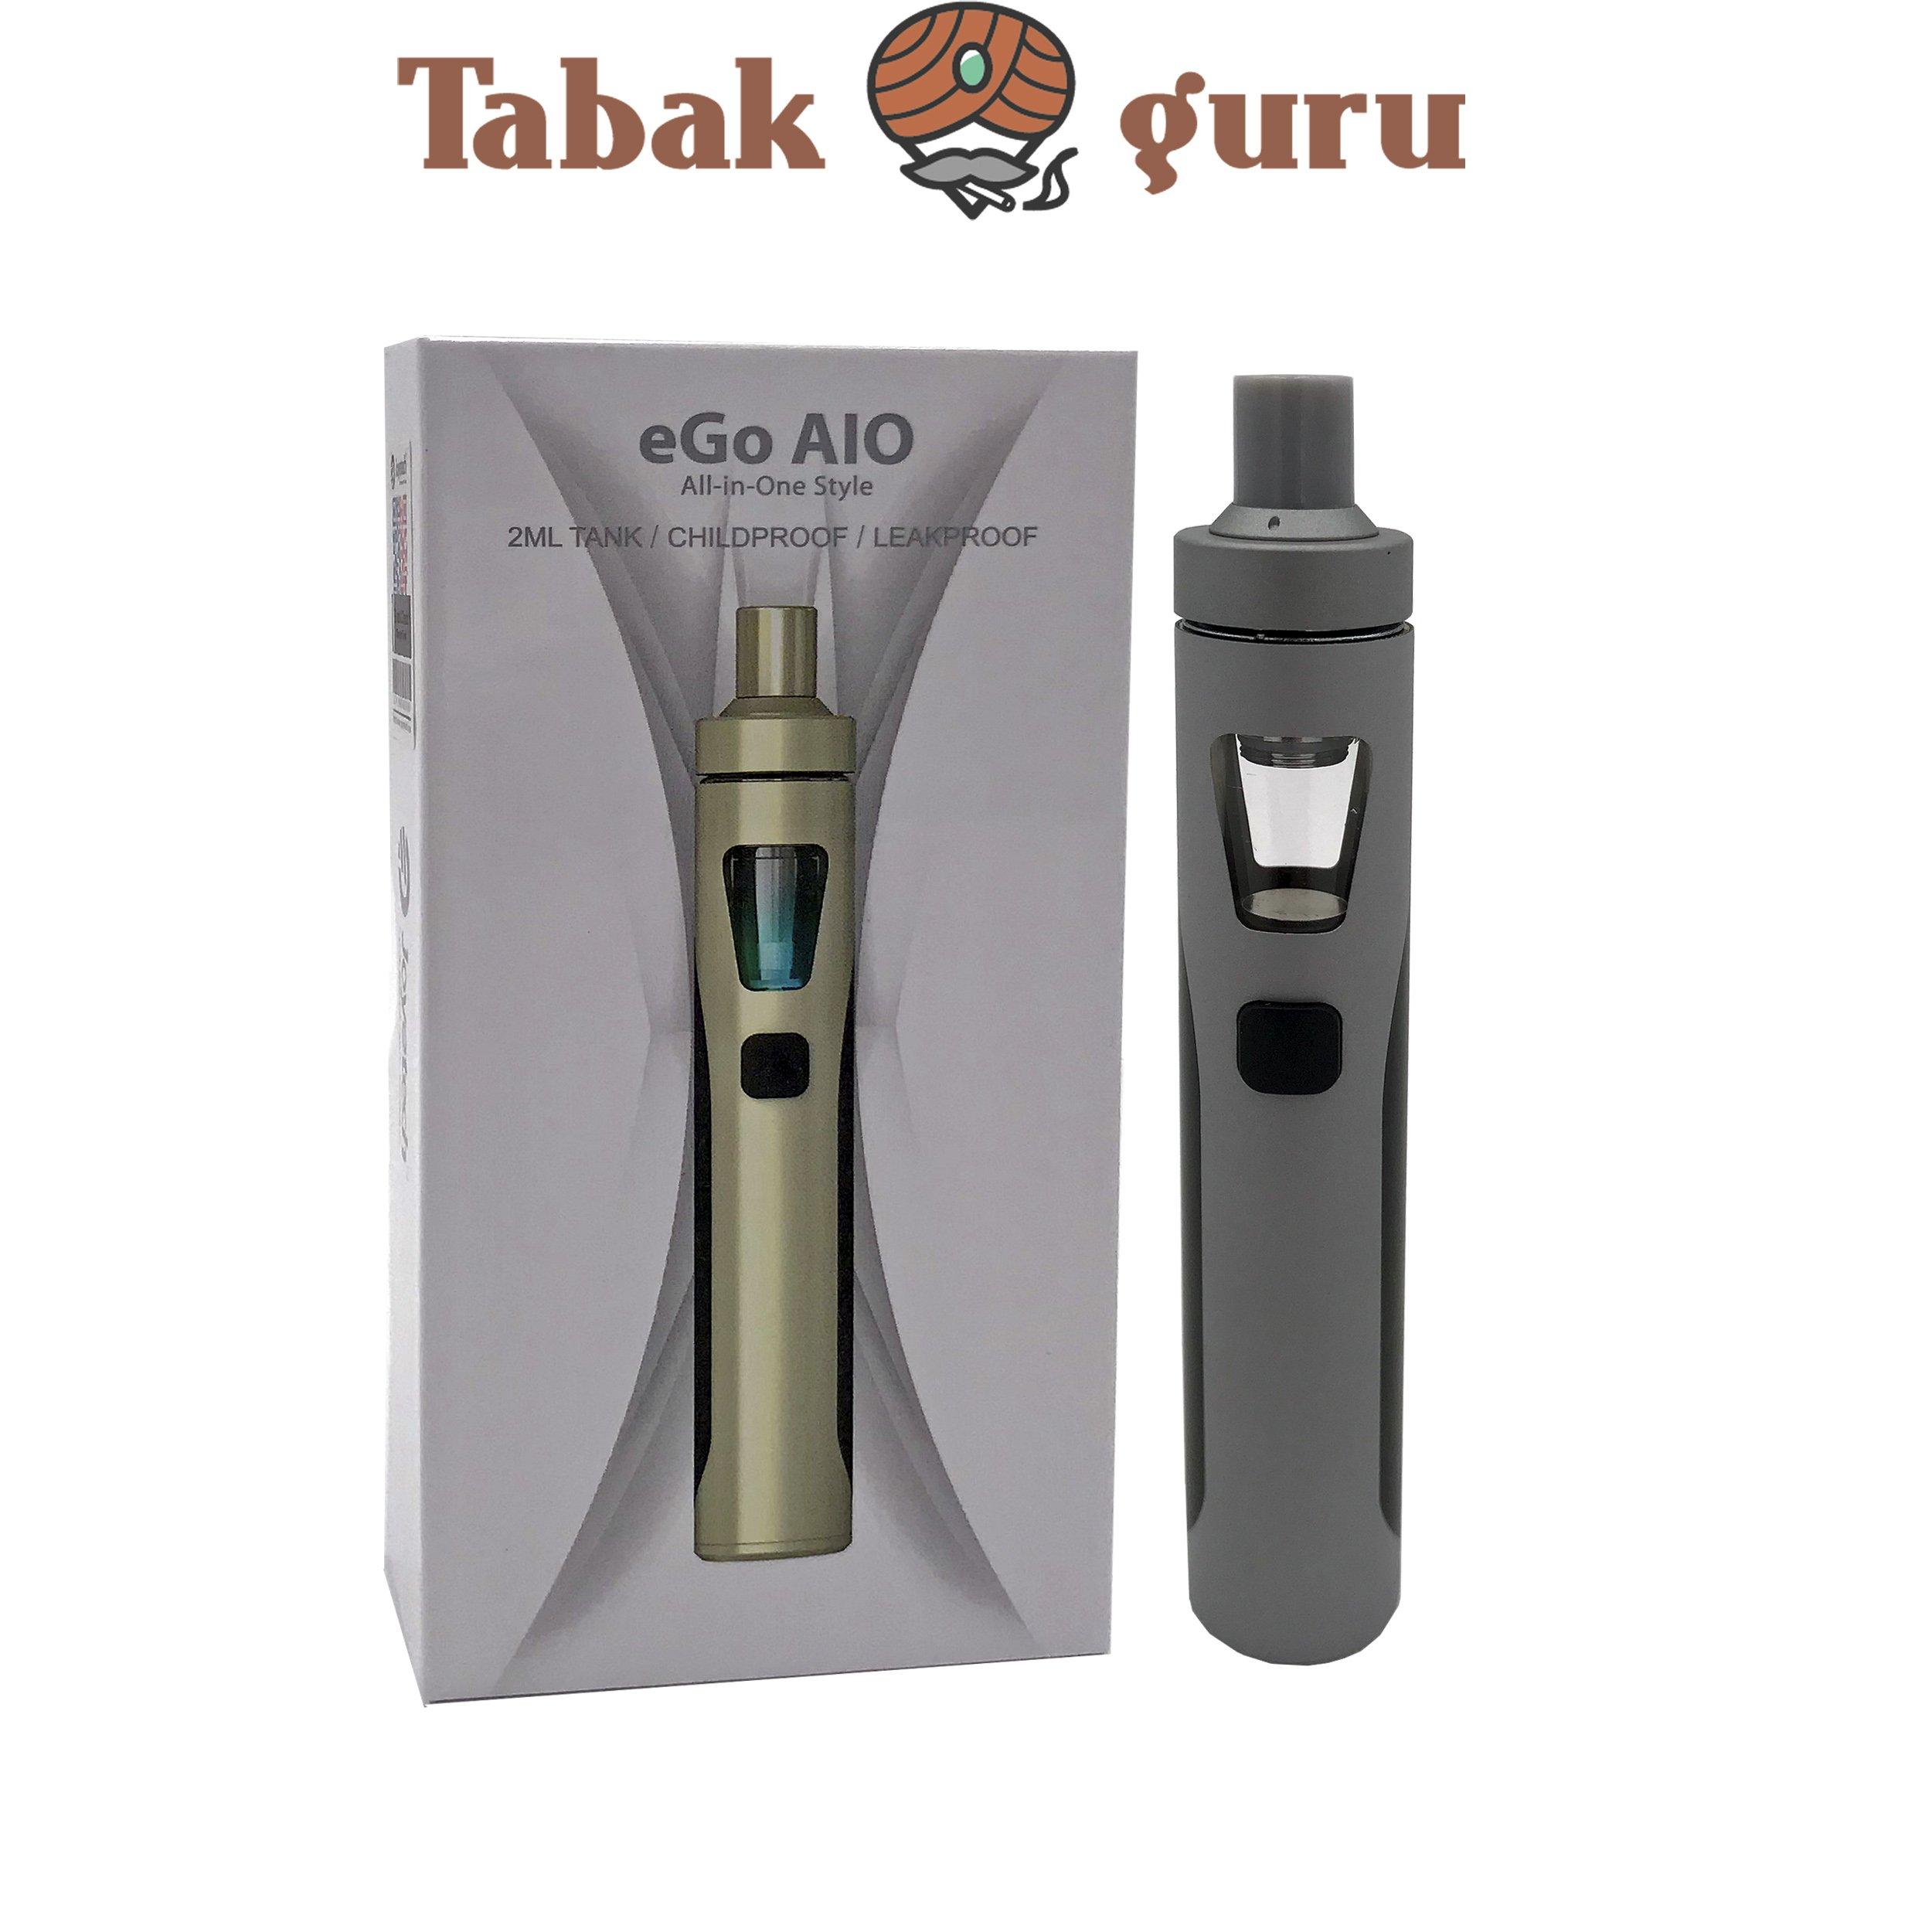 Joyetech eGo AlO All-in-One Style E-Zigarette Grau/Schwarz